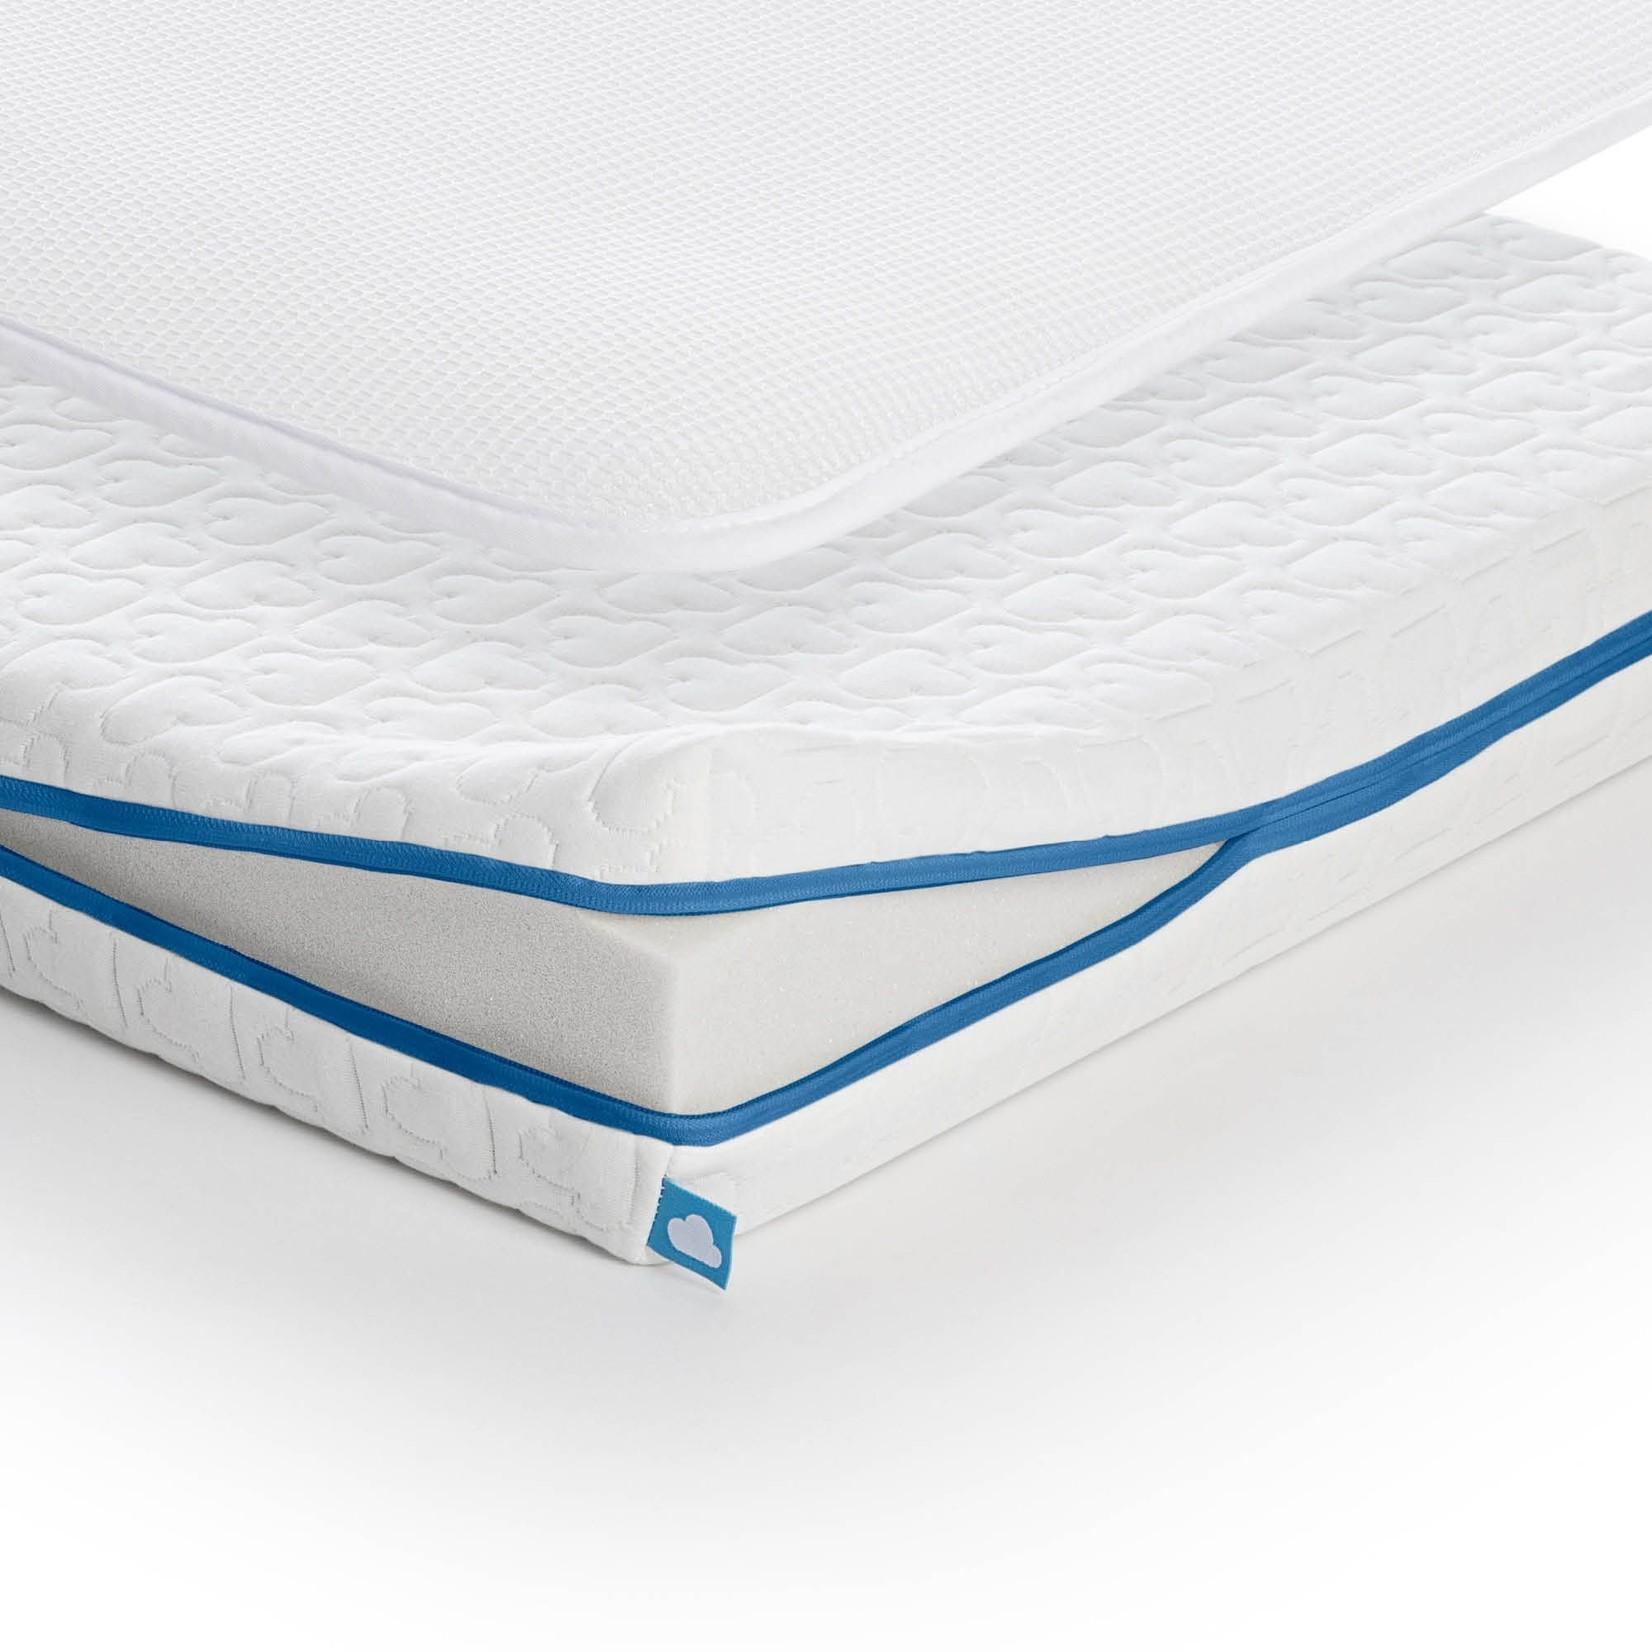 Aerosleep Aerosleep Matras Sleep Safe Pack Evolution 60x120